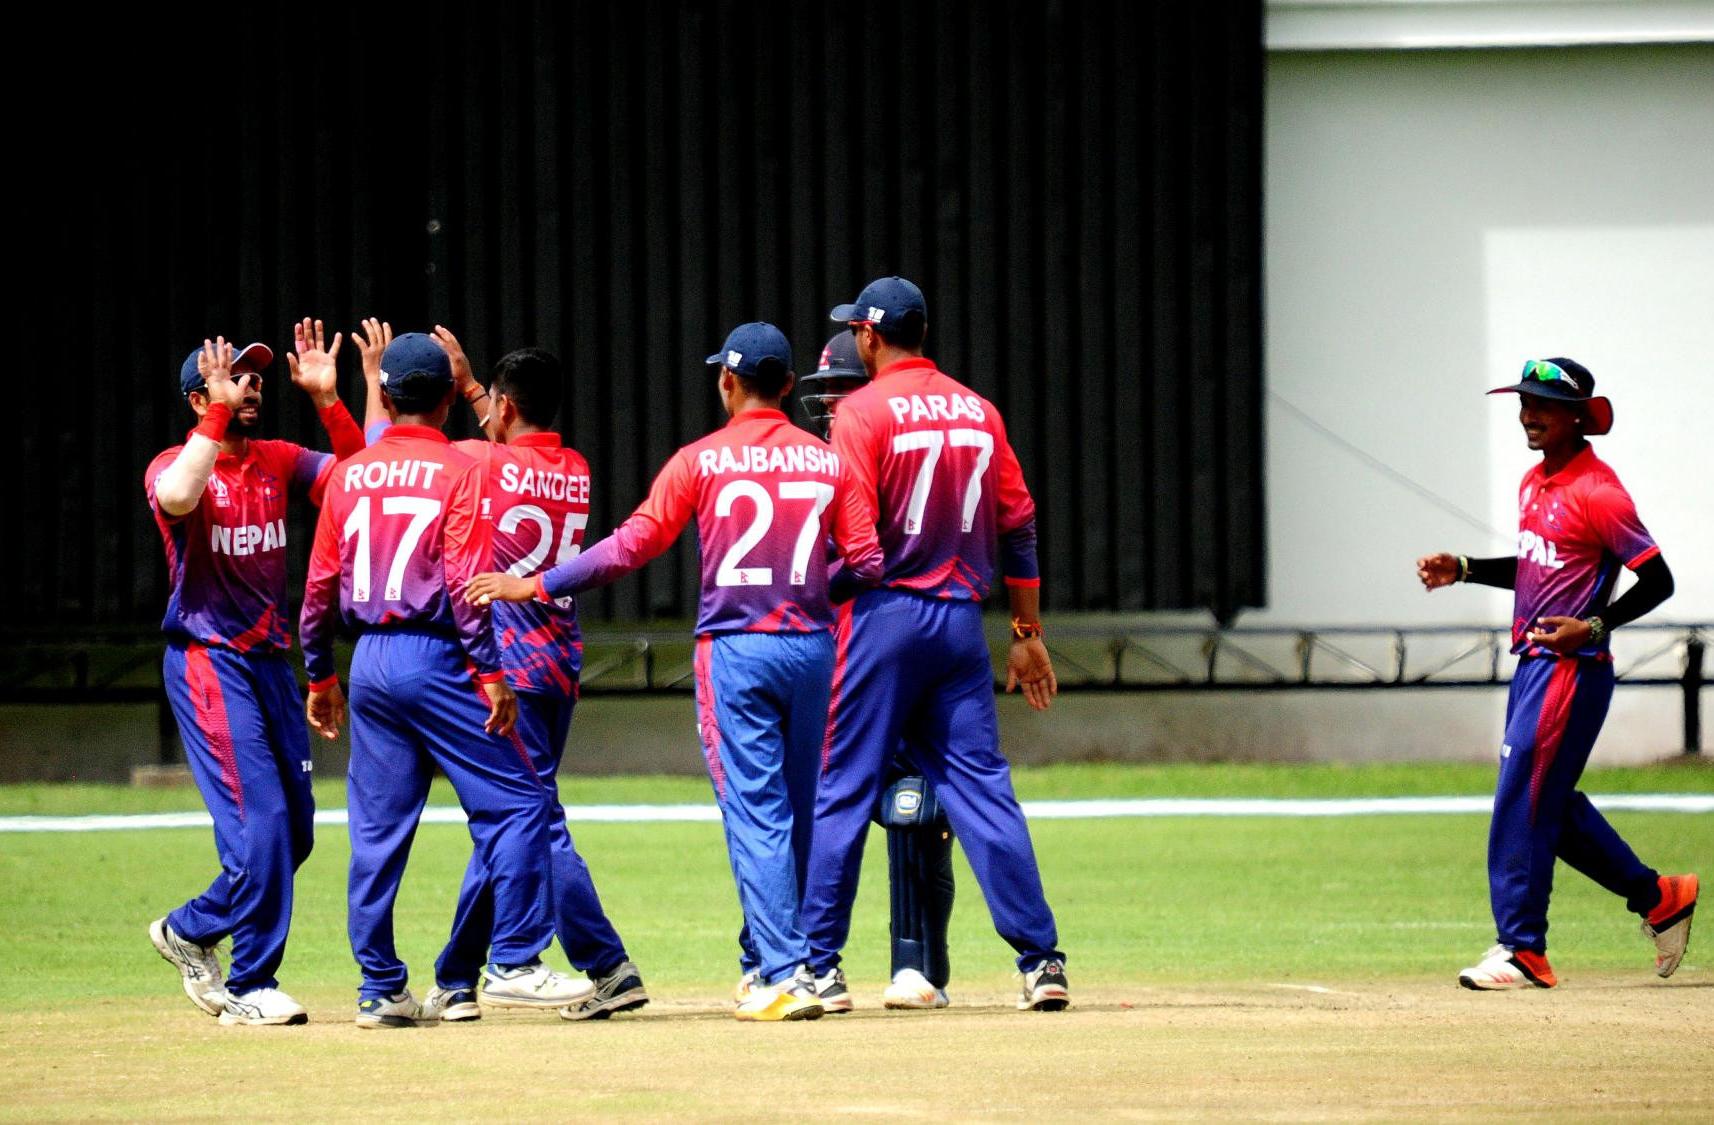 एसीसी इस्टर्न रिजन टी–२० क्रिकेटमा नेपालको लगातार दोस्रो हार, अघिल्लो चरण प्रवेशको संभावना बन्यो कम्जोर